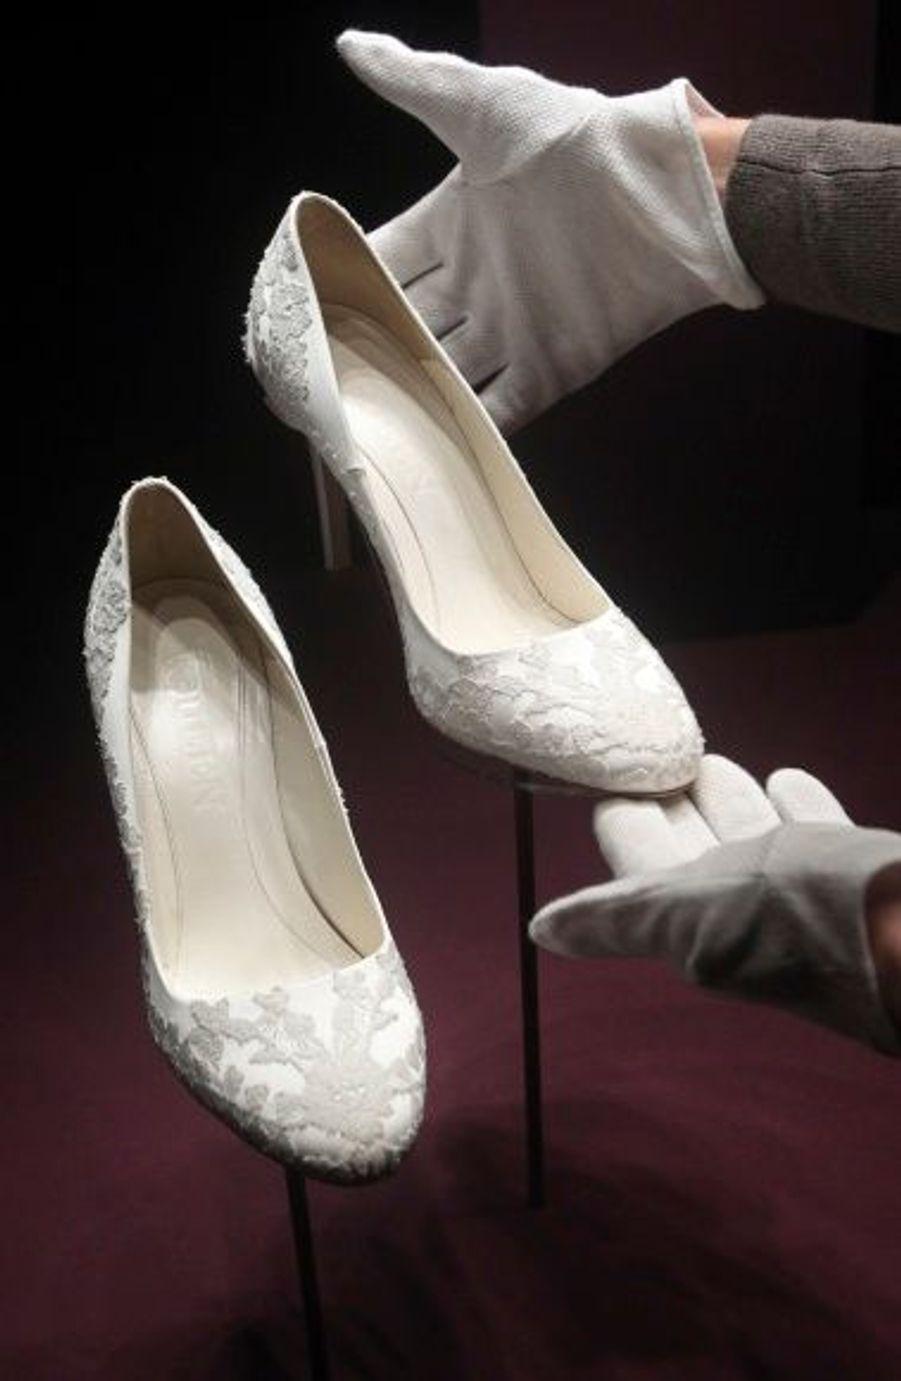 Les chaussures de la mariée ont également été dessinées par la maison Alexander McQueen.